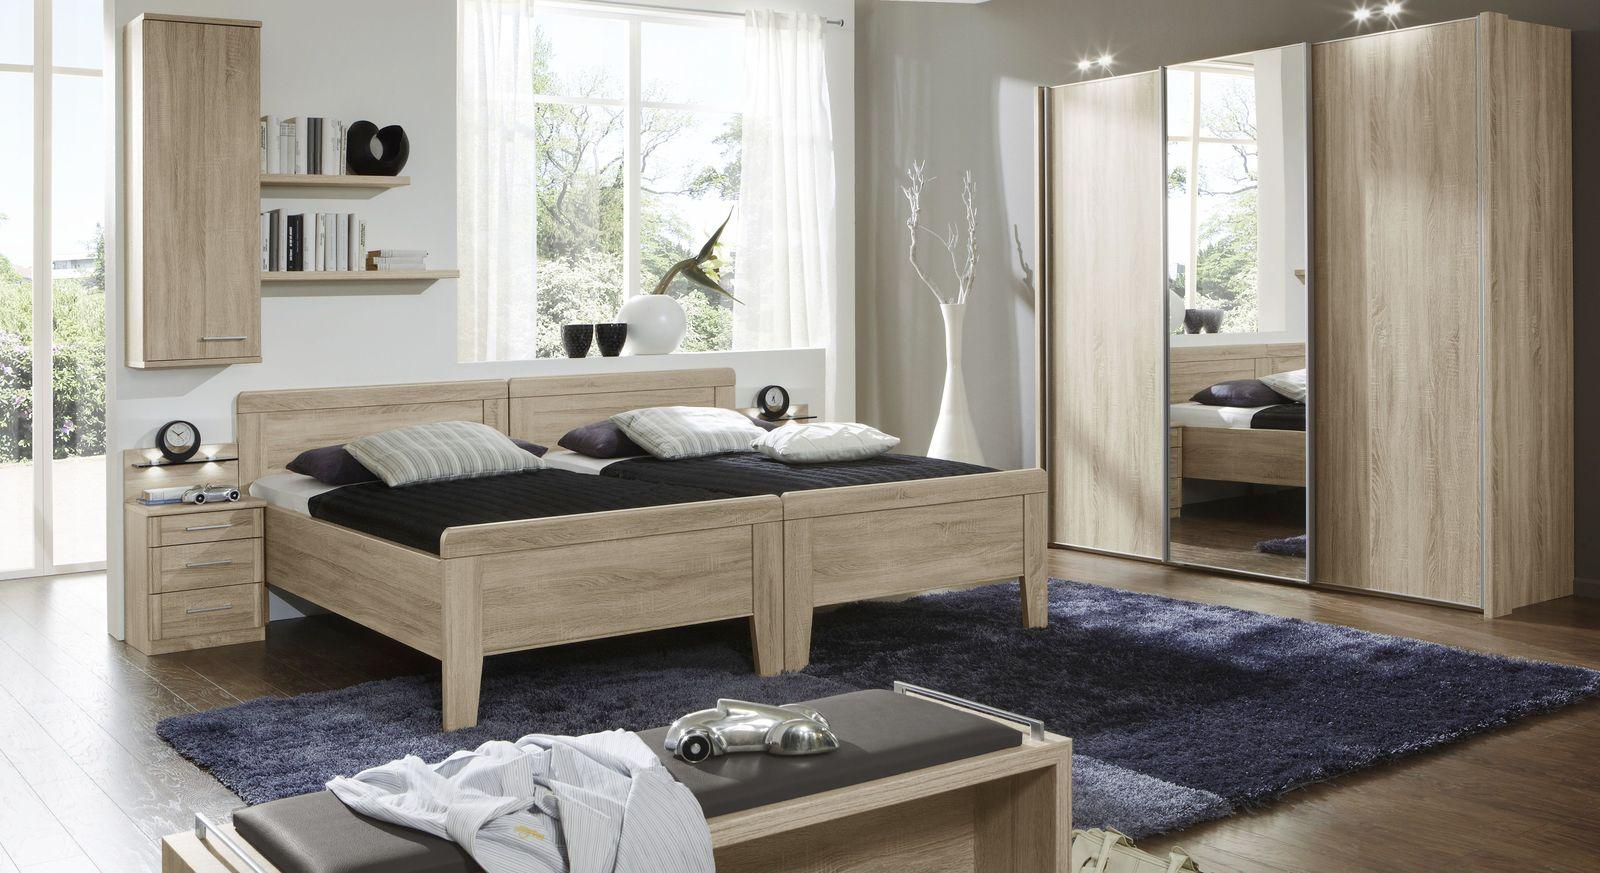 Schlafzimmer Palmira mit Möbeln in Eiche sägerau Dekor